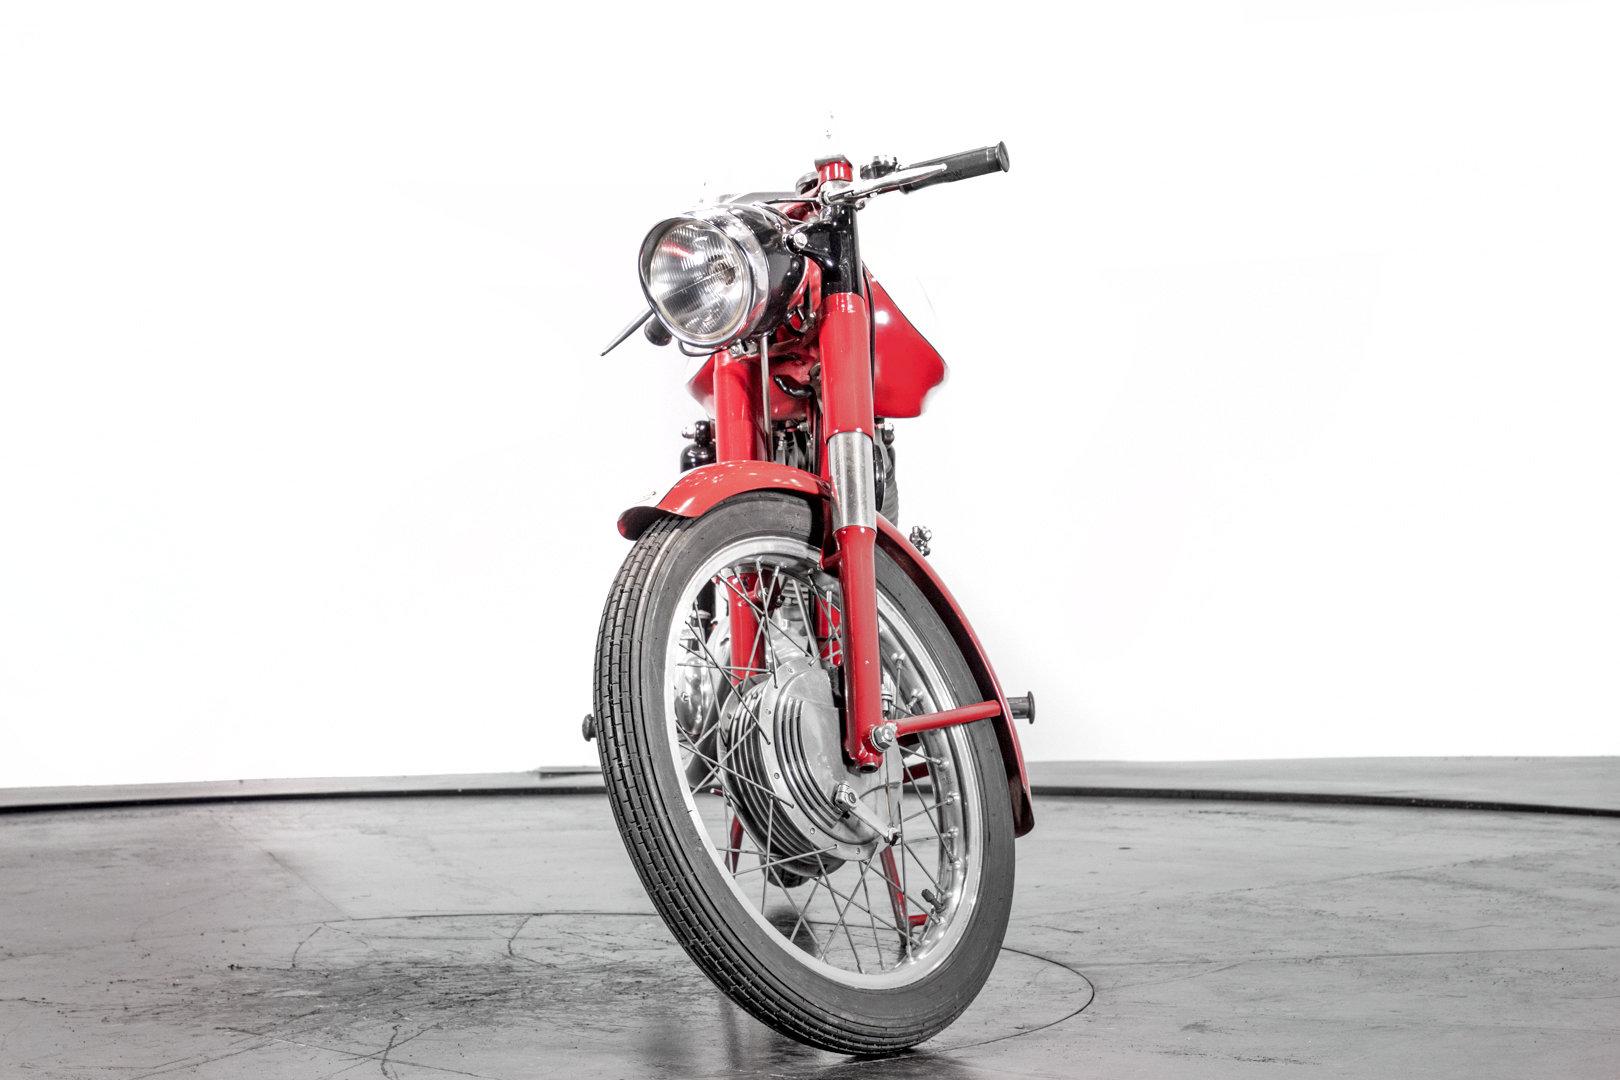 MOTO MORINI - 175 - 1957 For Sale (picture 3 of 6)